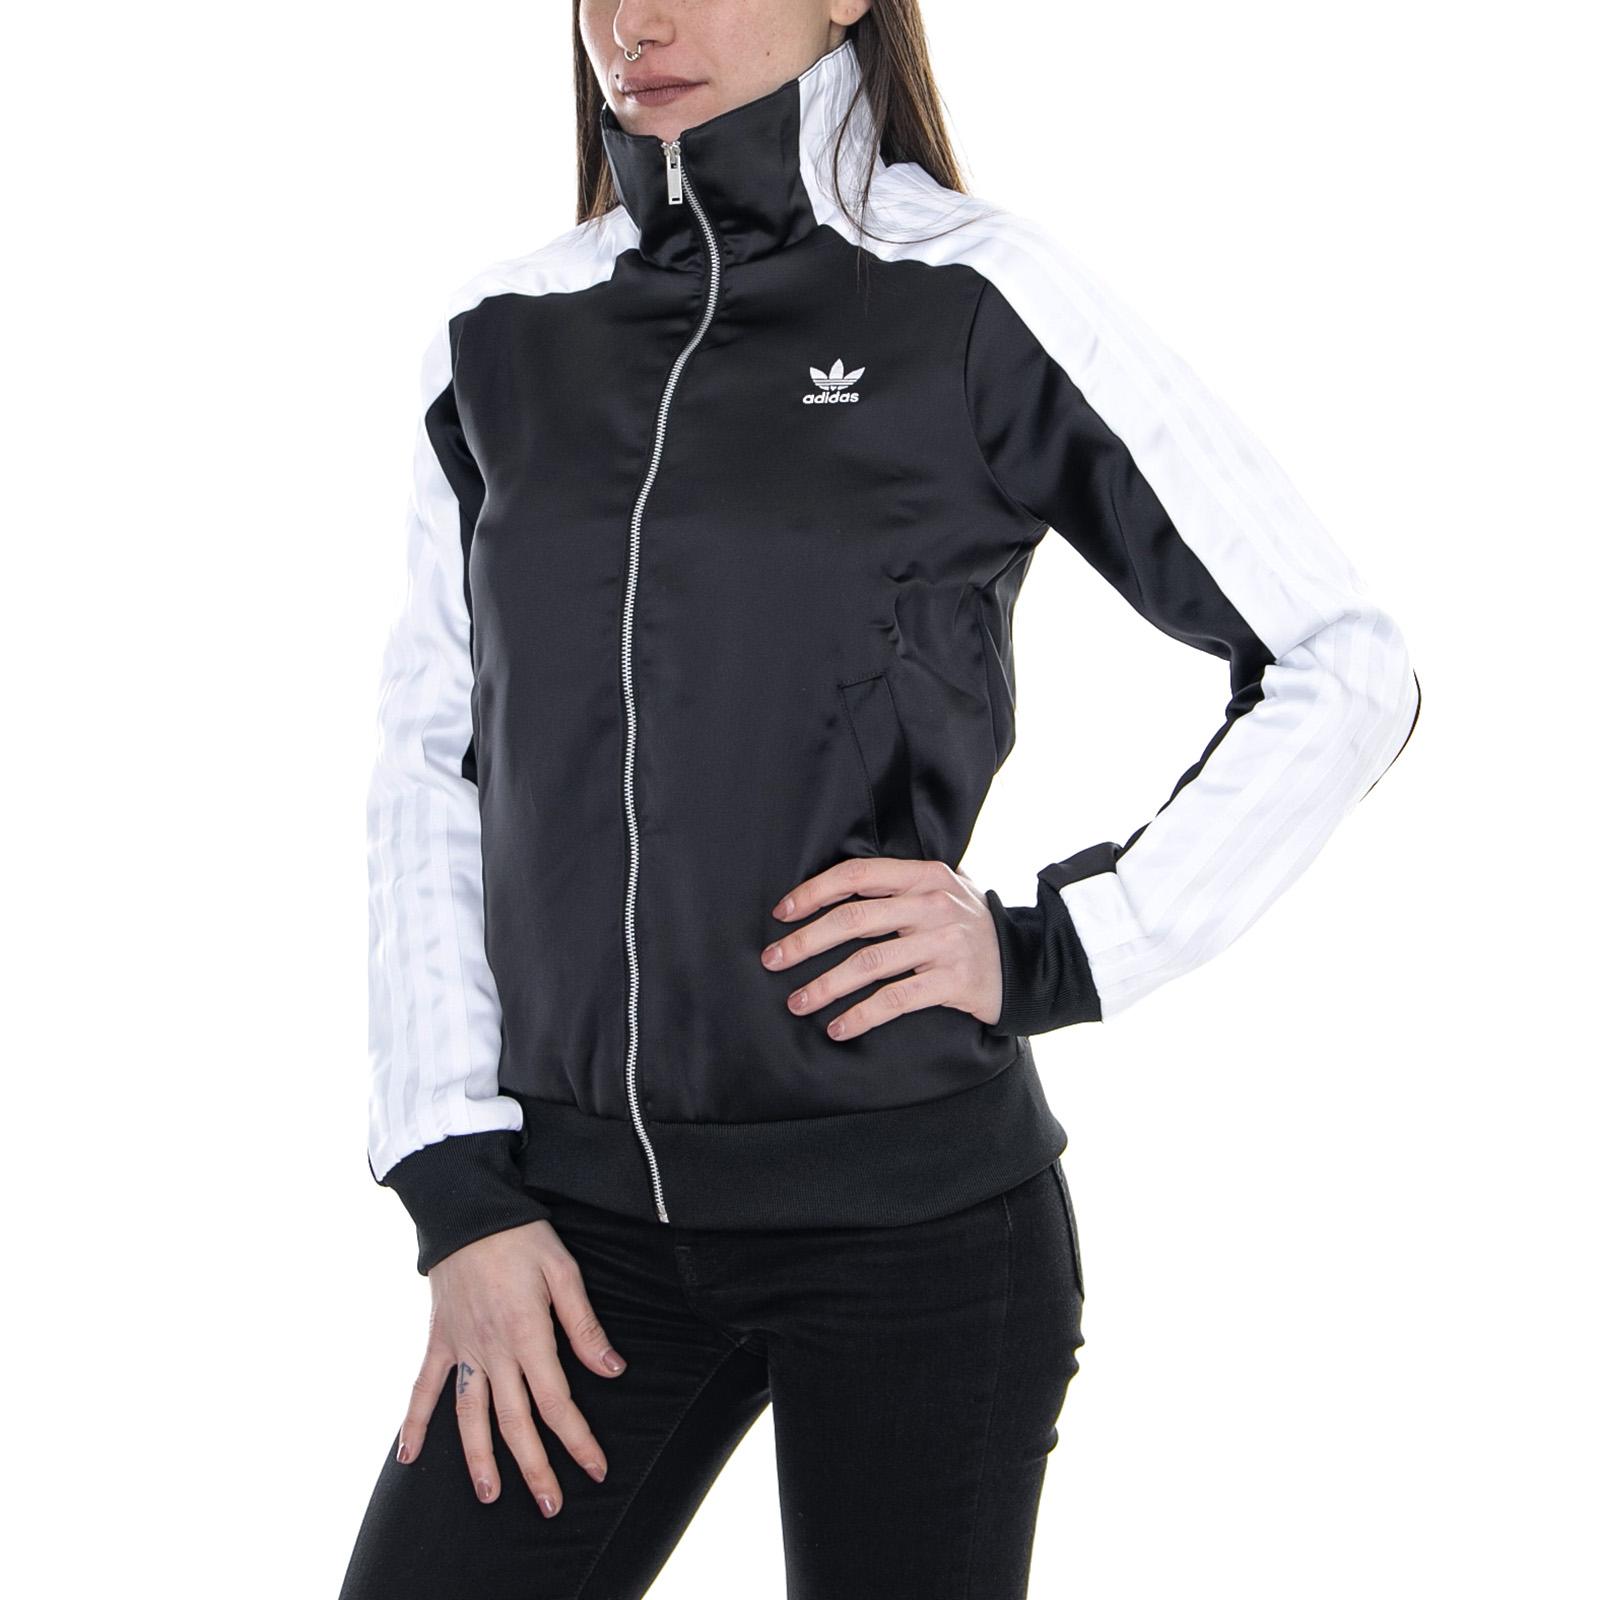 a basso prezzo 70b58 3ce87 Dettagli su Adidas Track Top Black - Giacca Leggera Donna Nero